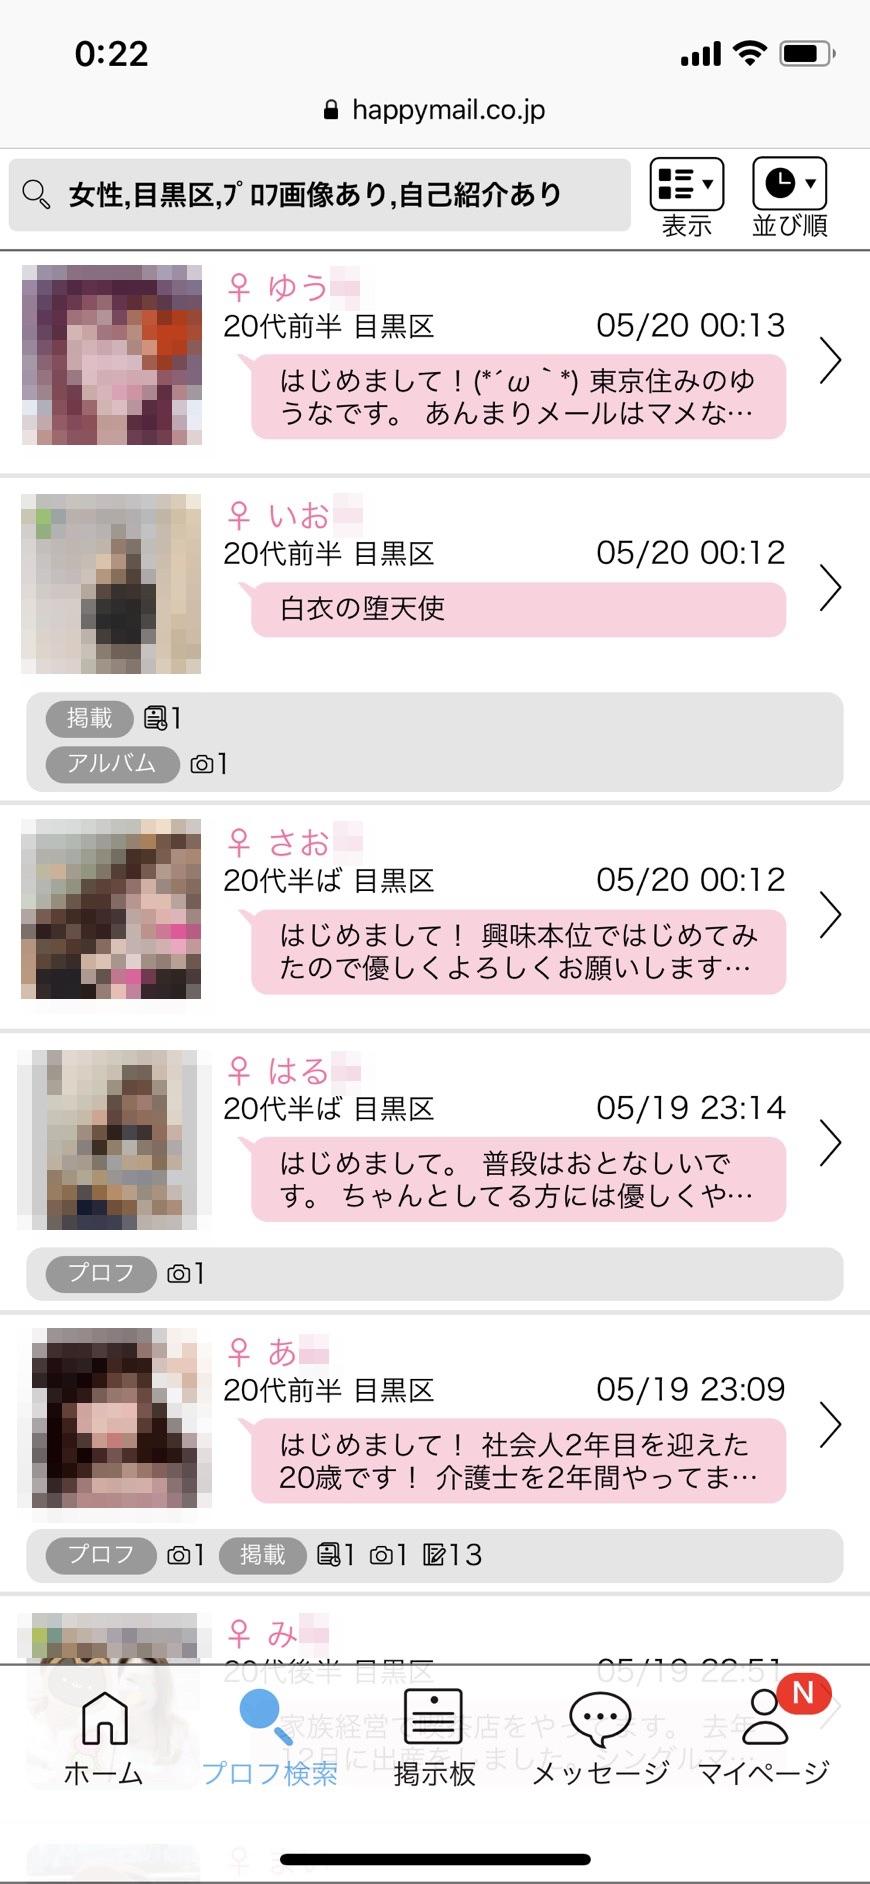 中目黒・出会い希望(ハッピーメール)